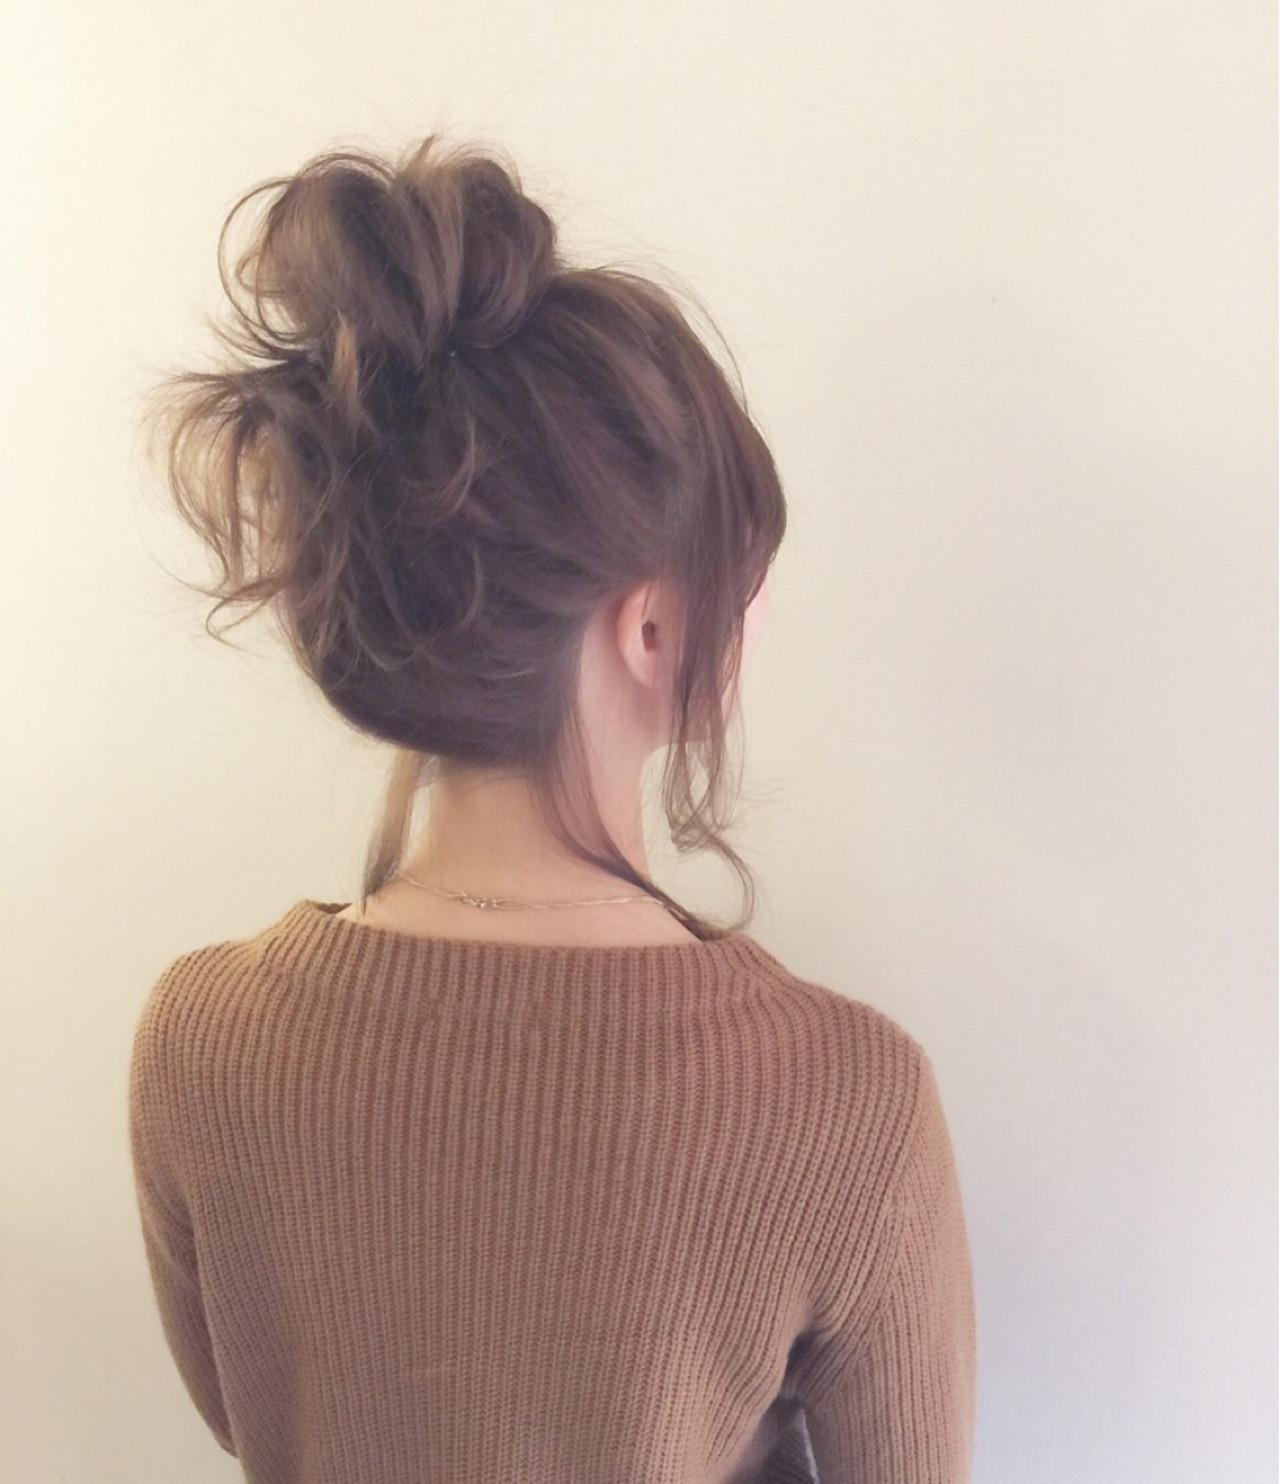 毎日のヘアスタイルに変化を!アップアレンジでおしゃれ度もアップ♡  高瀬 功二